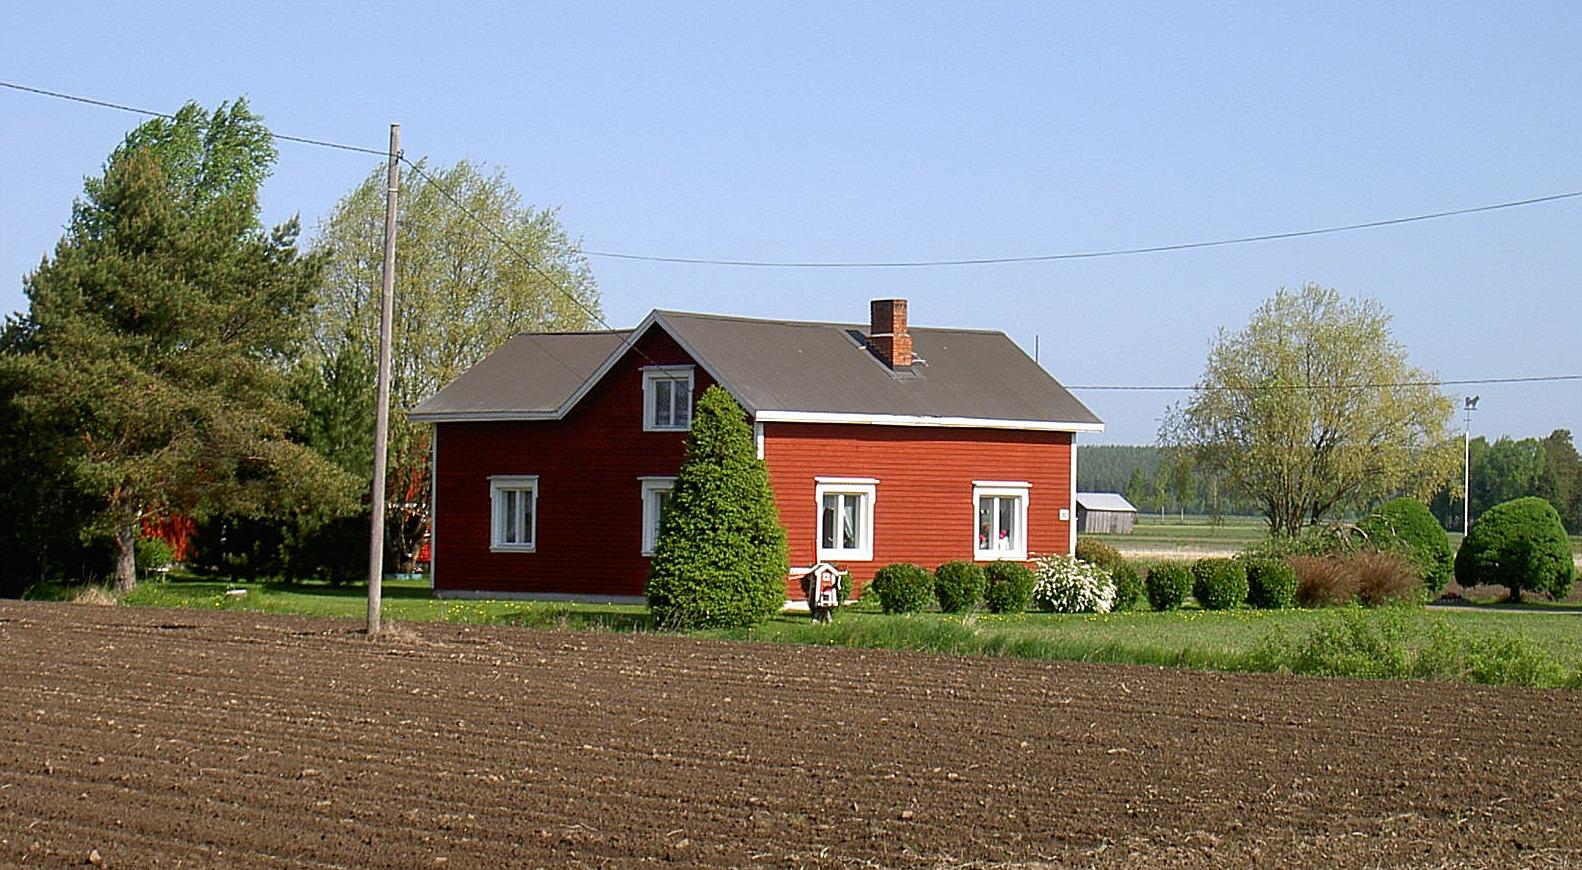 Klemets Nils och Helvis gård fotograferad 2003 från landsvägen, alltså från söder.